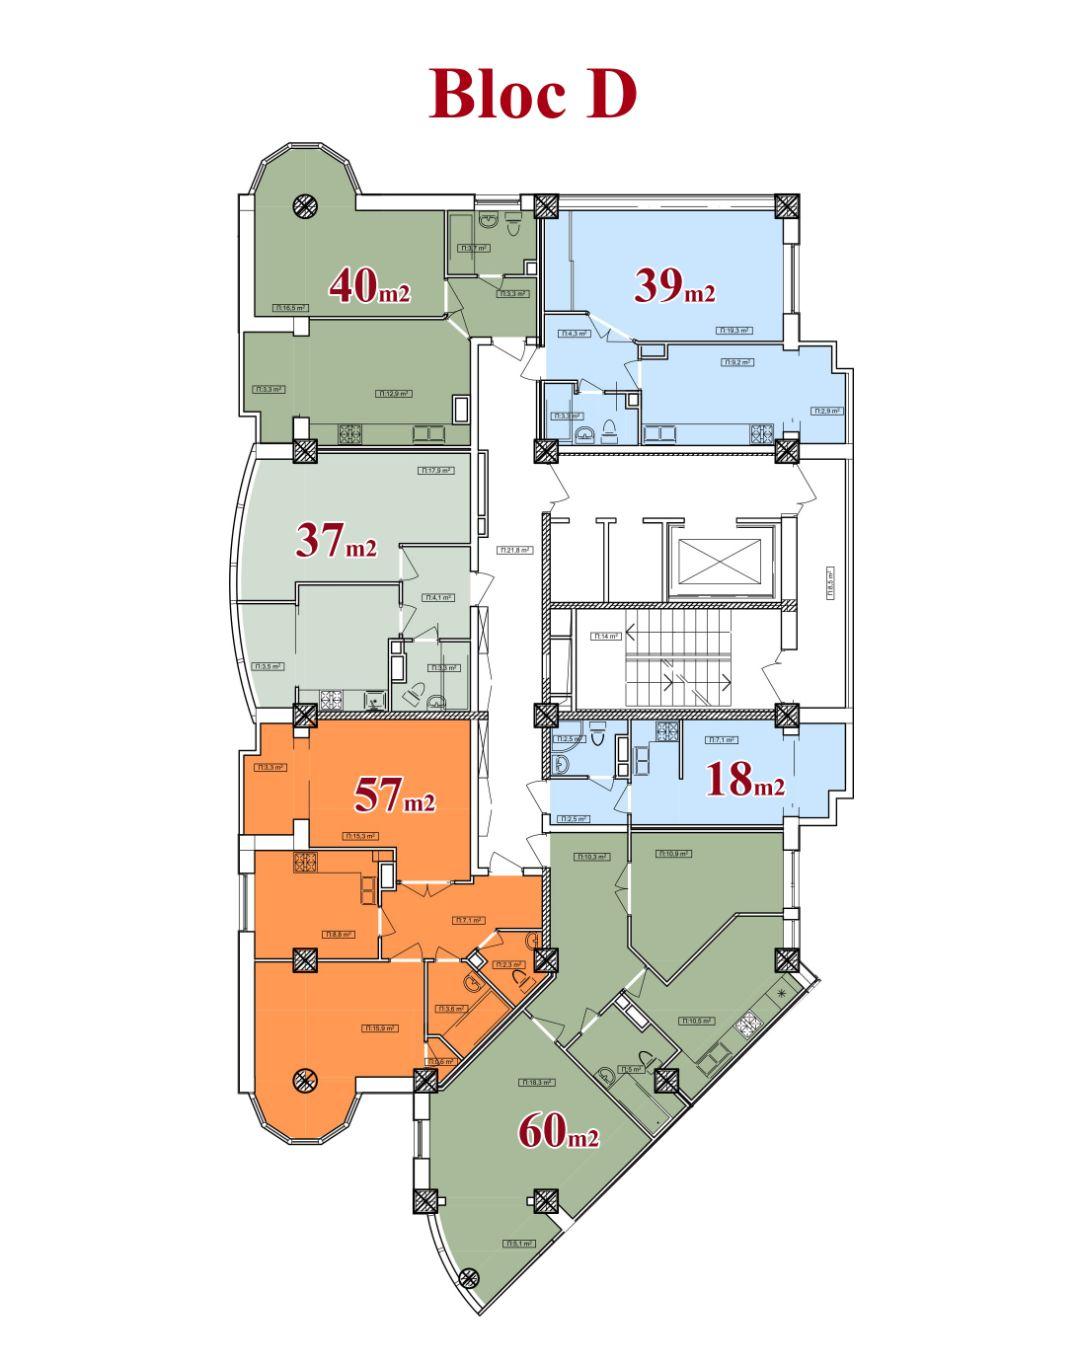 Vedere planica etaj bloc D 13 etaje